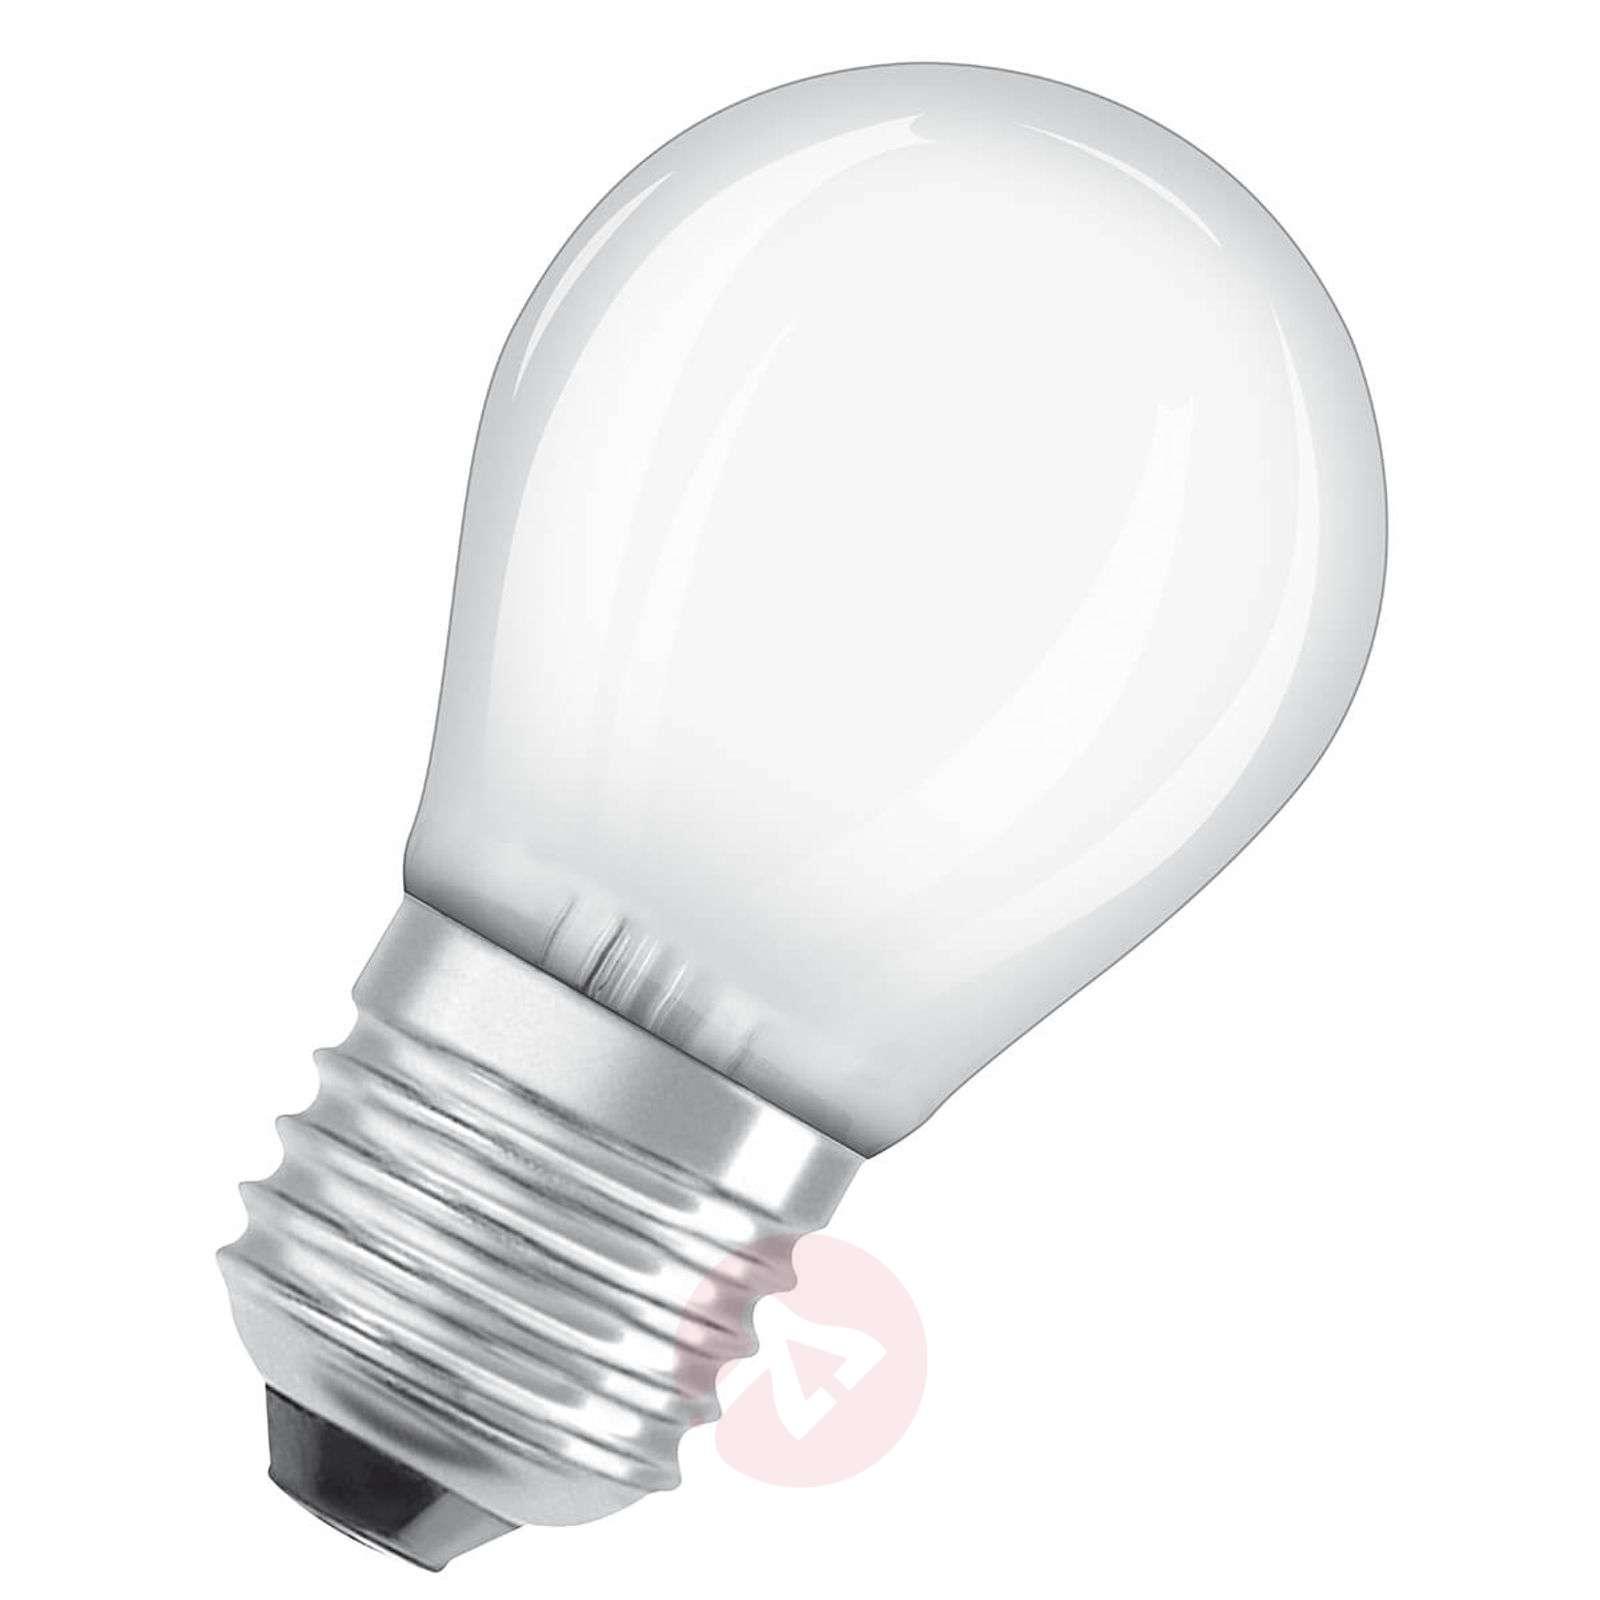 LED-pisaralamppu E27 4,5 W, lämmin valkoinen-7262029-01